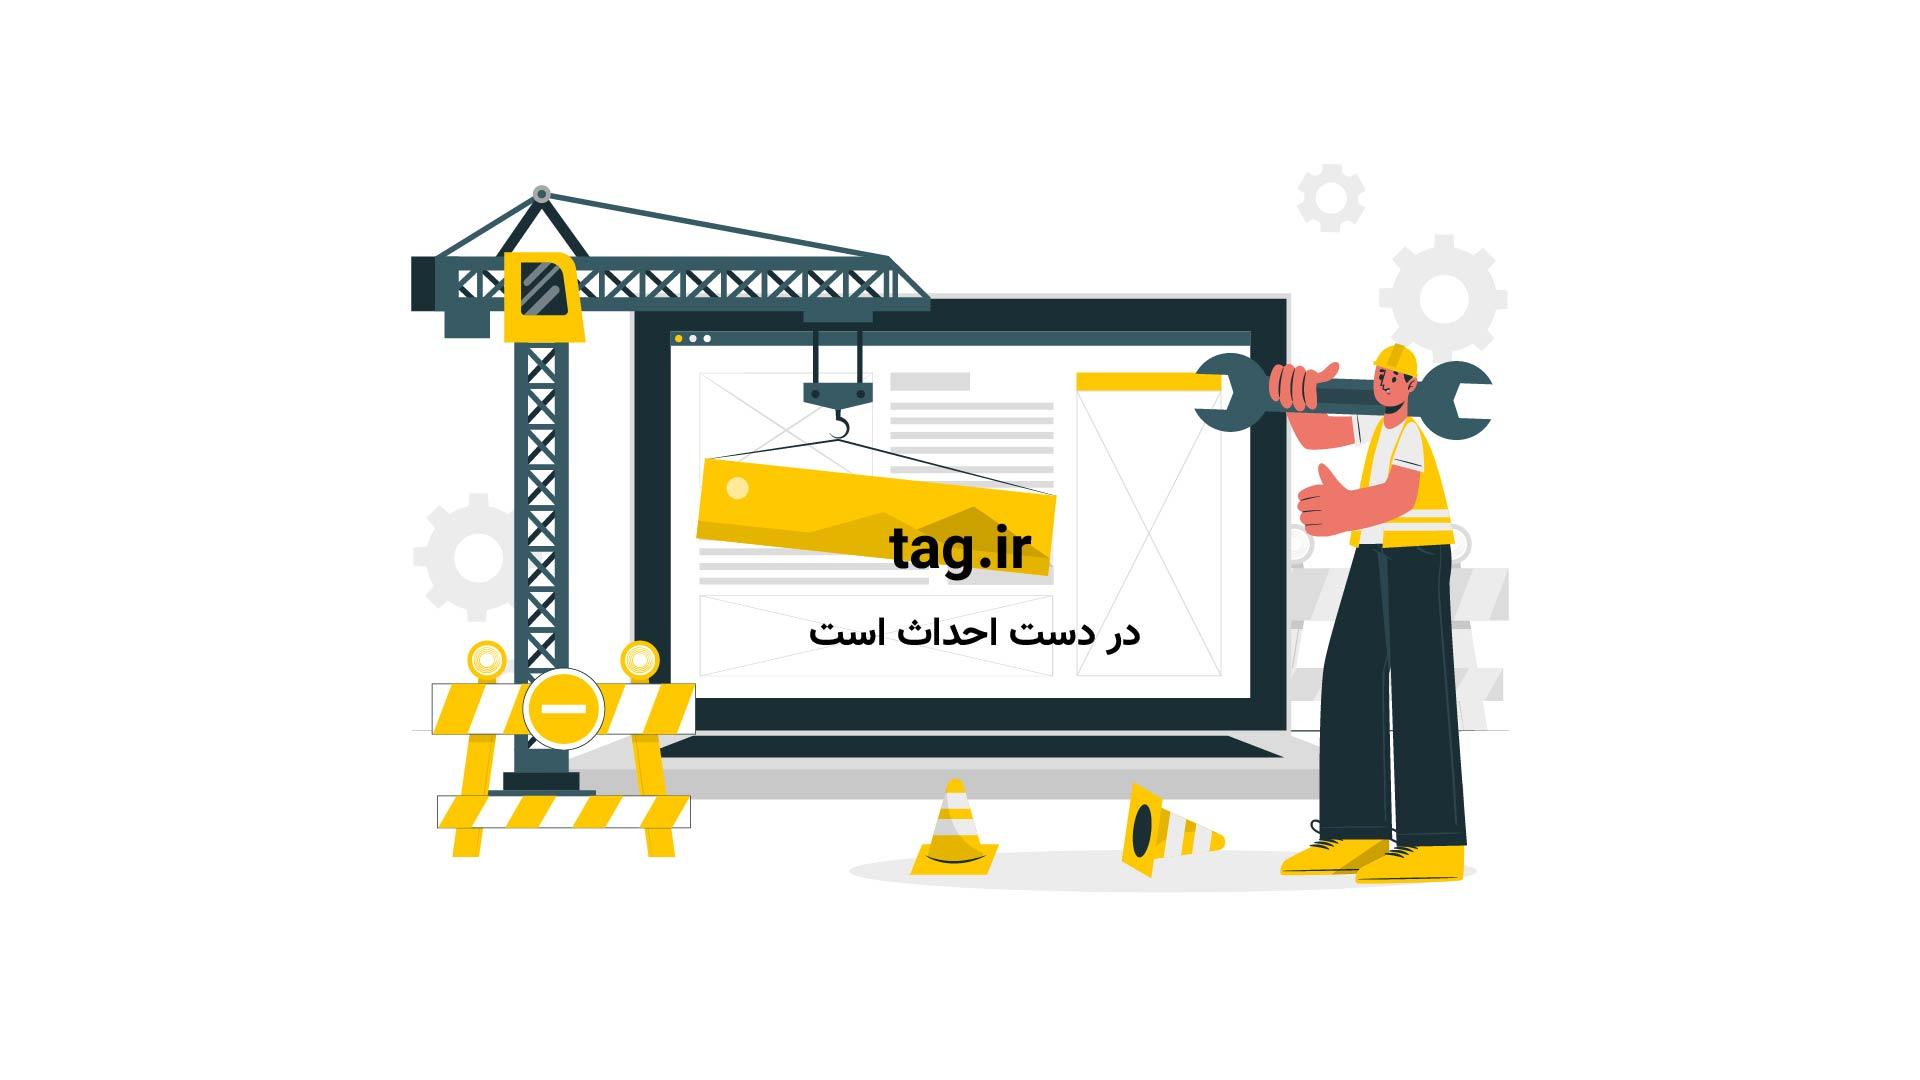 آتش سوزی پرتغال | تگ